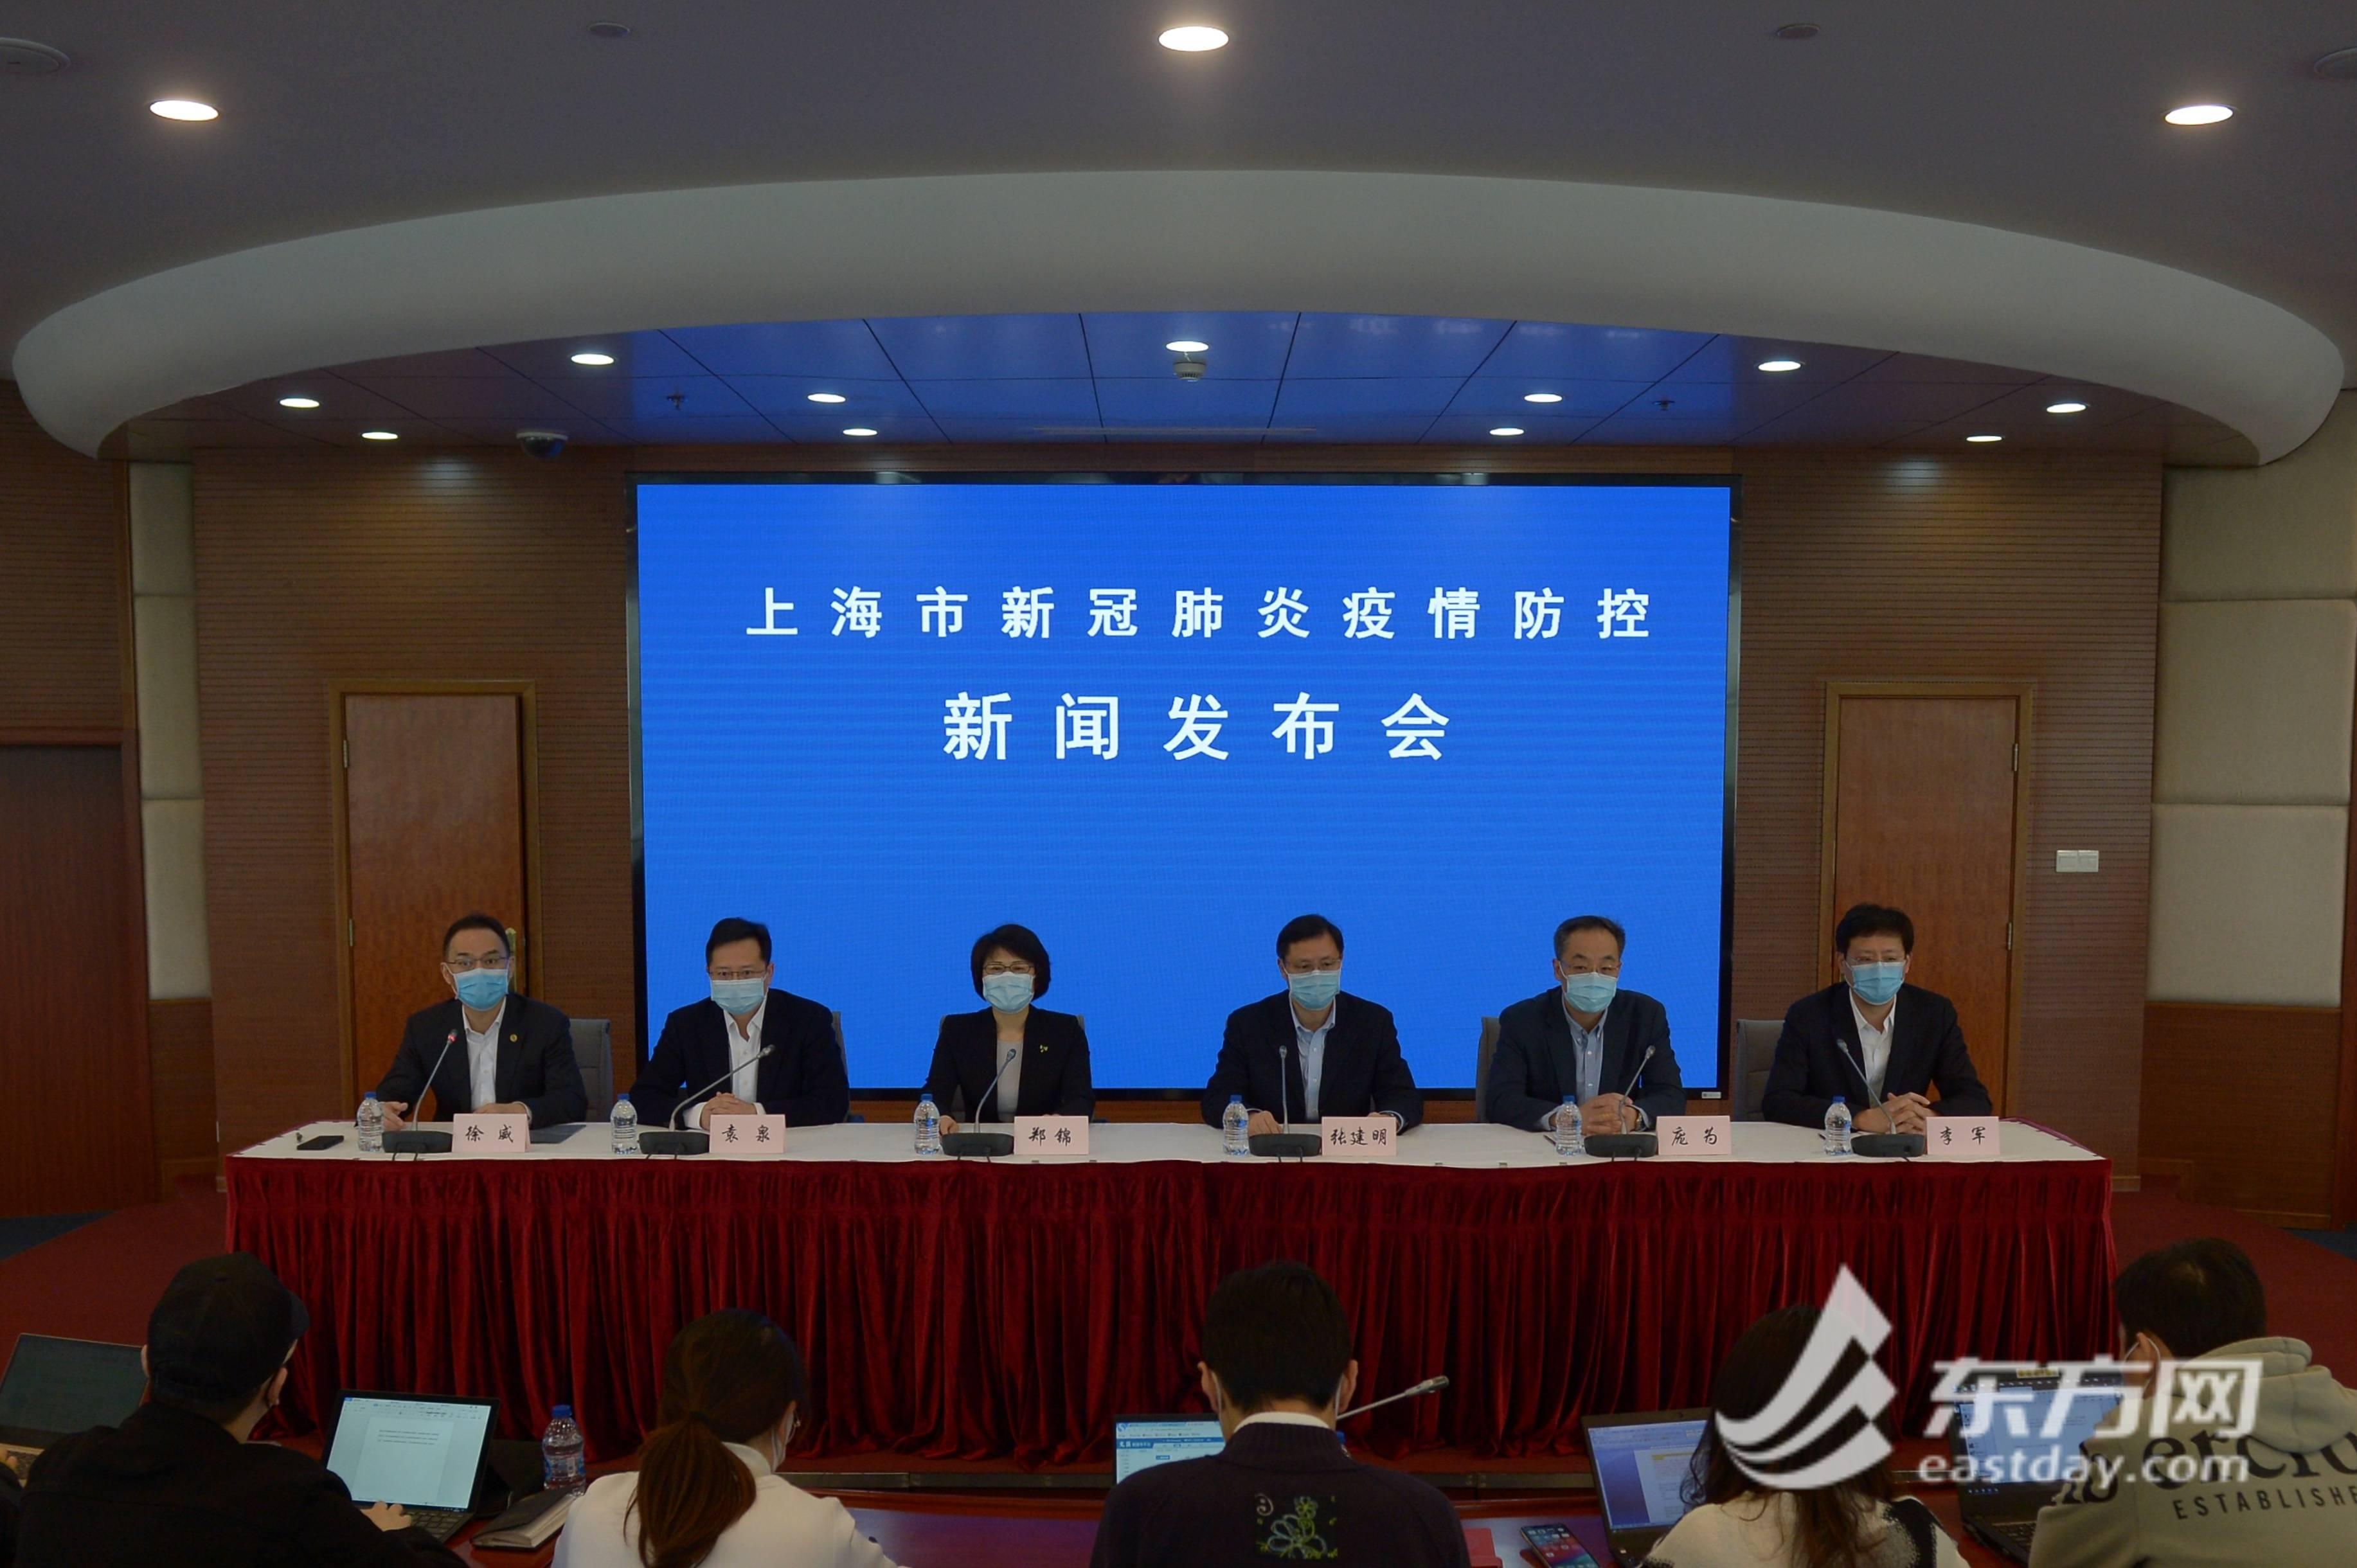 上海规模以上工业企业复工率已达97%